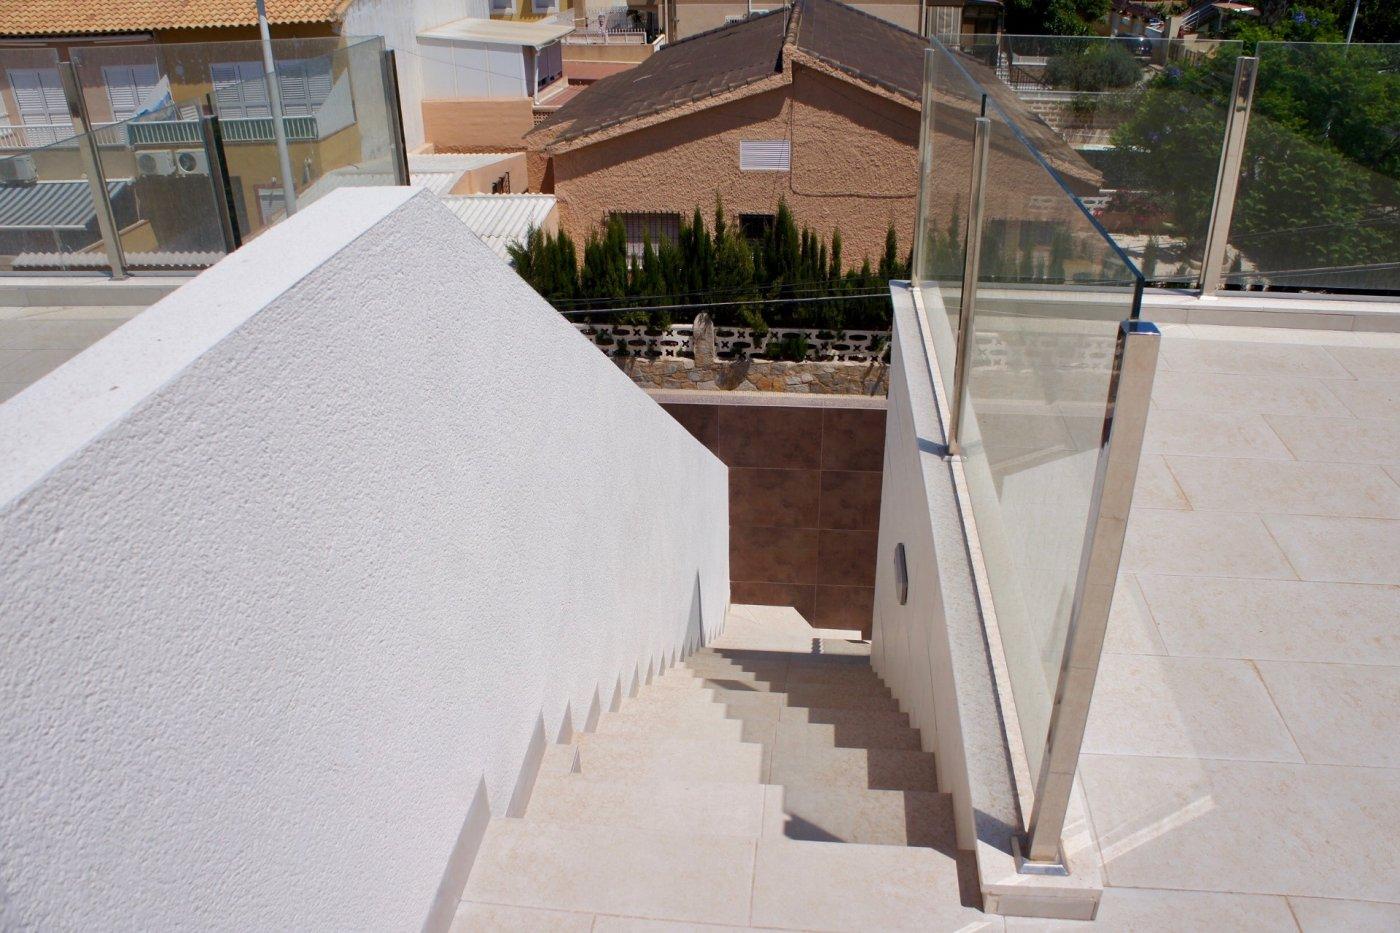 Gallery Image 21 of Nuevo apartamento listo en la planta superior de 2 dormitorios a solo 2 minutos a pie de las playas,